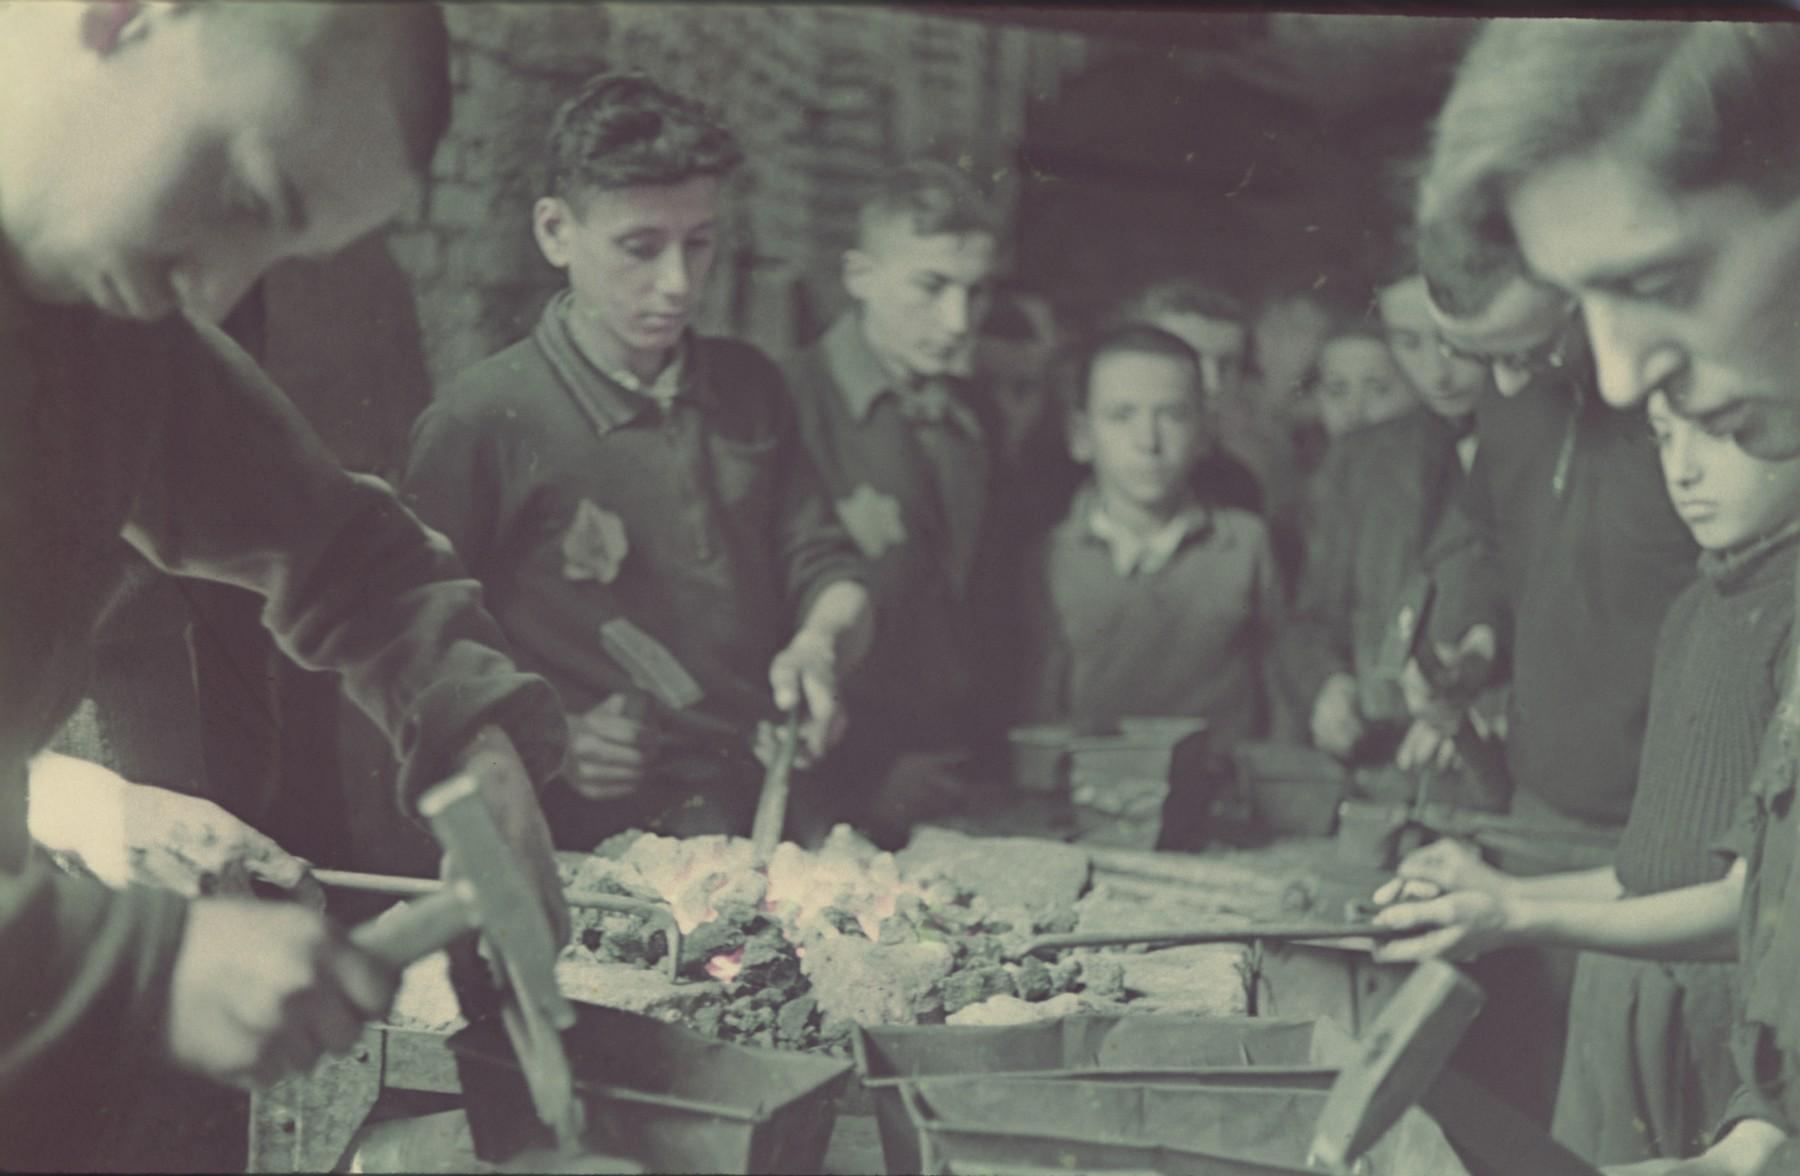 """Teenagers work in the Lodz ghetto metal workshop.  Original German caption: """"Litzmannstadt-Getto, Metallwerkstaette"""" (metal work place), #16."""